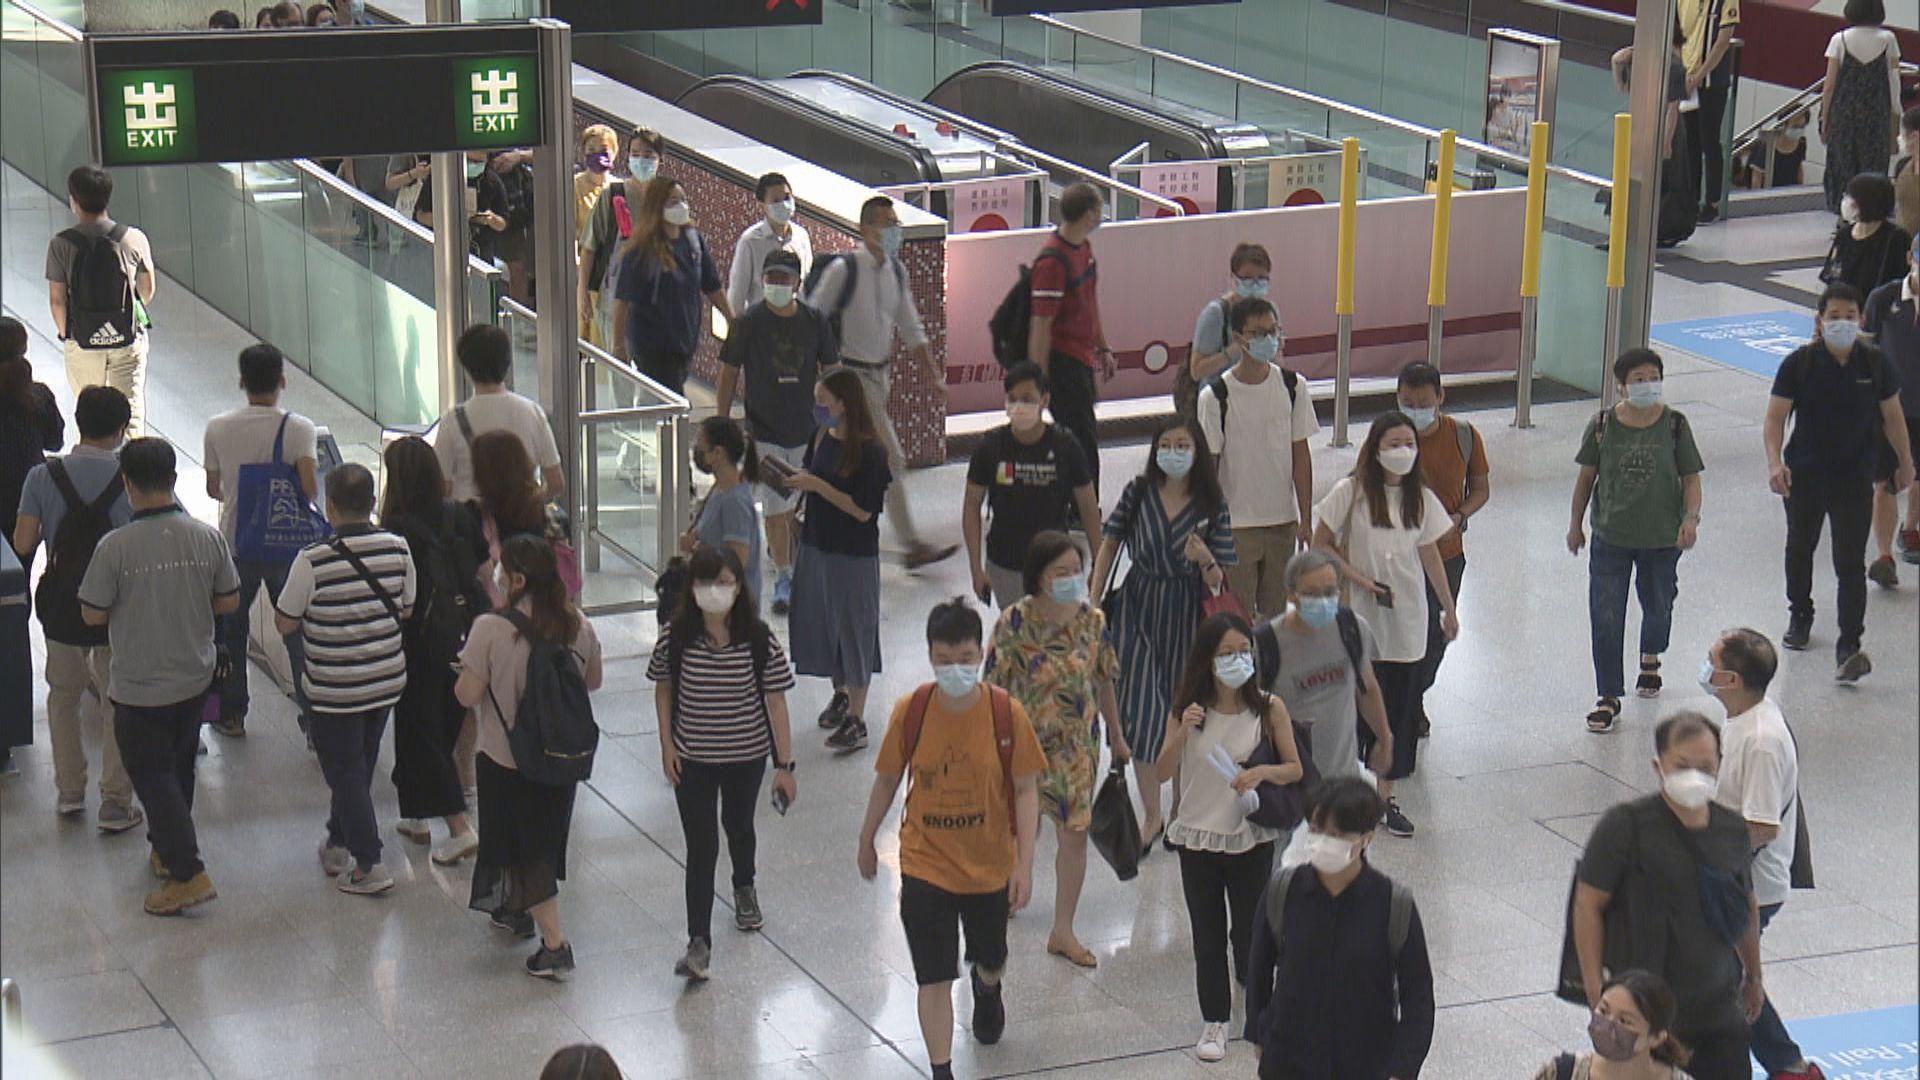 紅磡站屯馬綫新月台啟用後首個工作日 有乘客感混亂